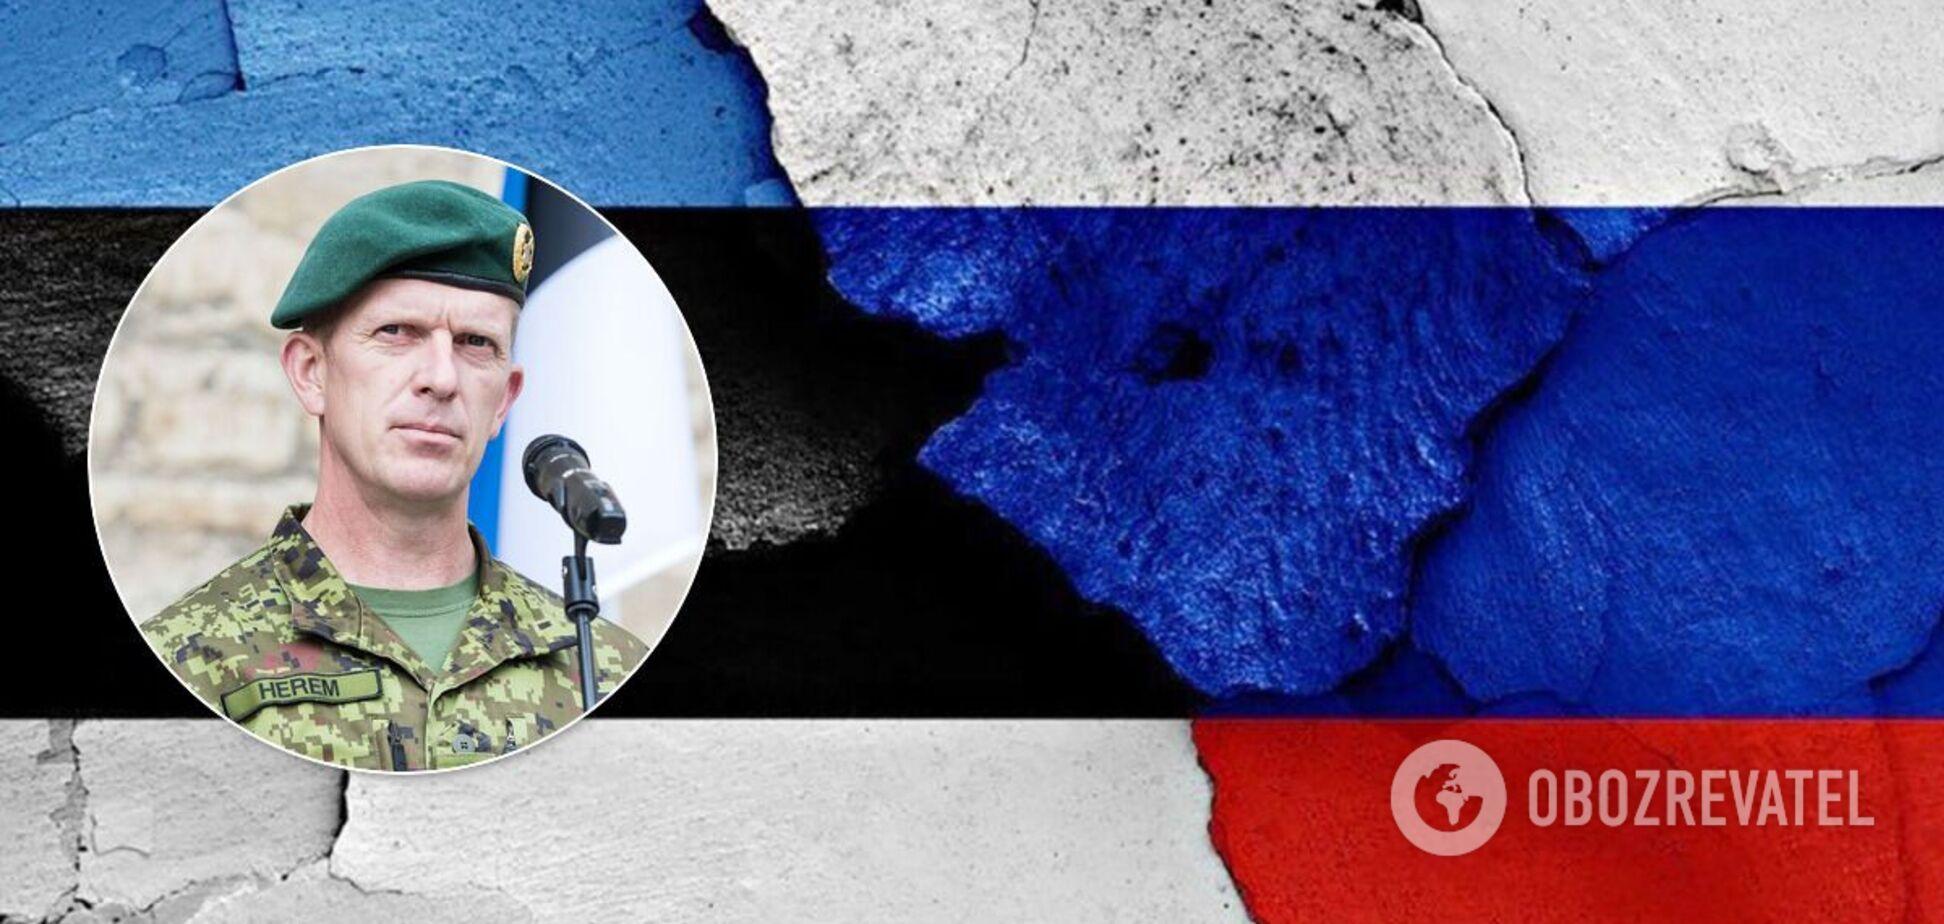 Генерал Херем запропонував збільшити видатки Естонії на оборону